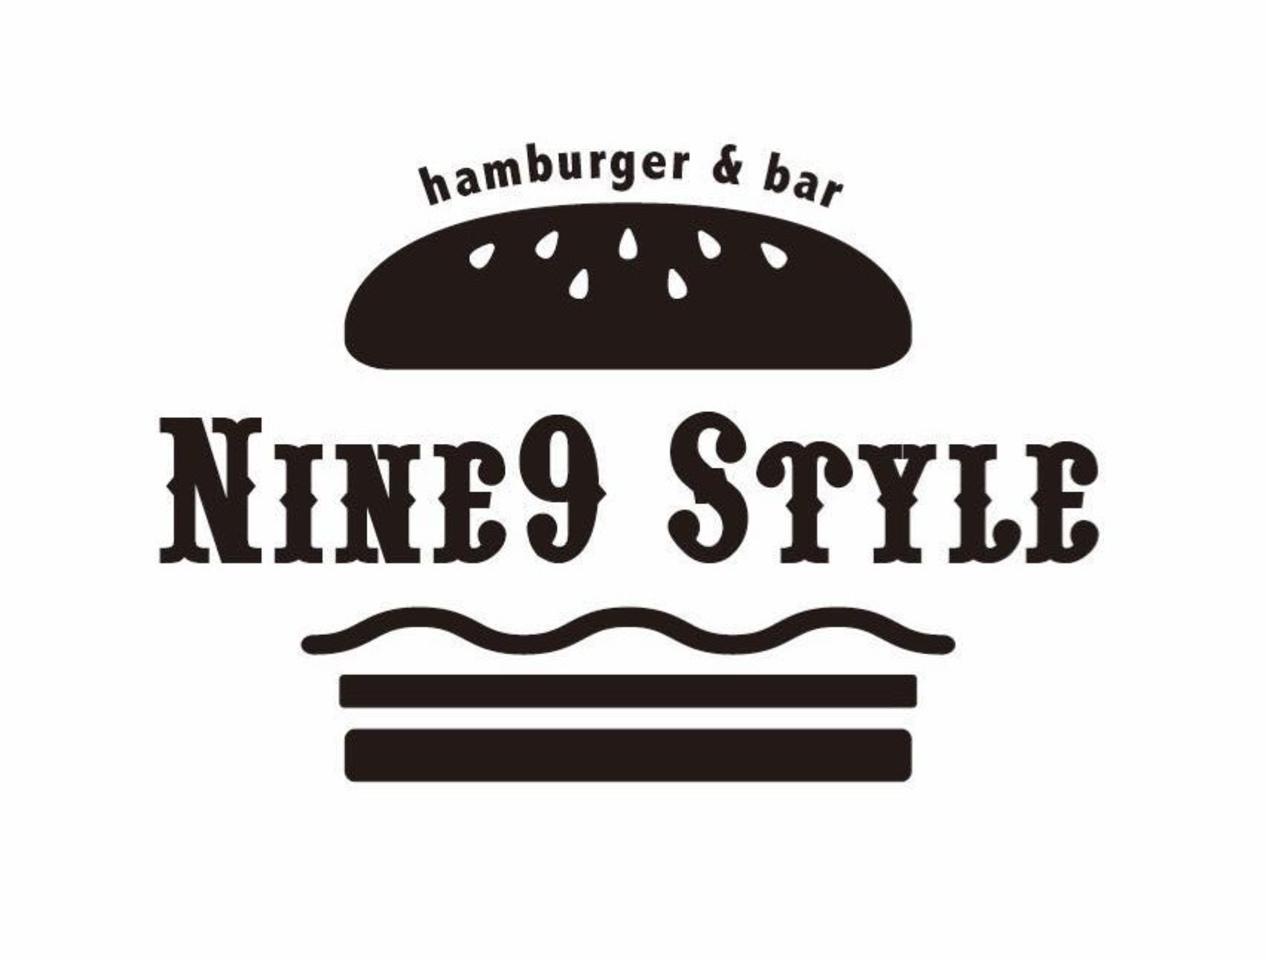 世田谷区北沢2丁目にハンバーガー&バー「Nine9 Style」が明日グランドオープンのようです。